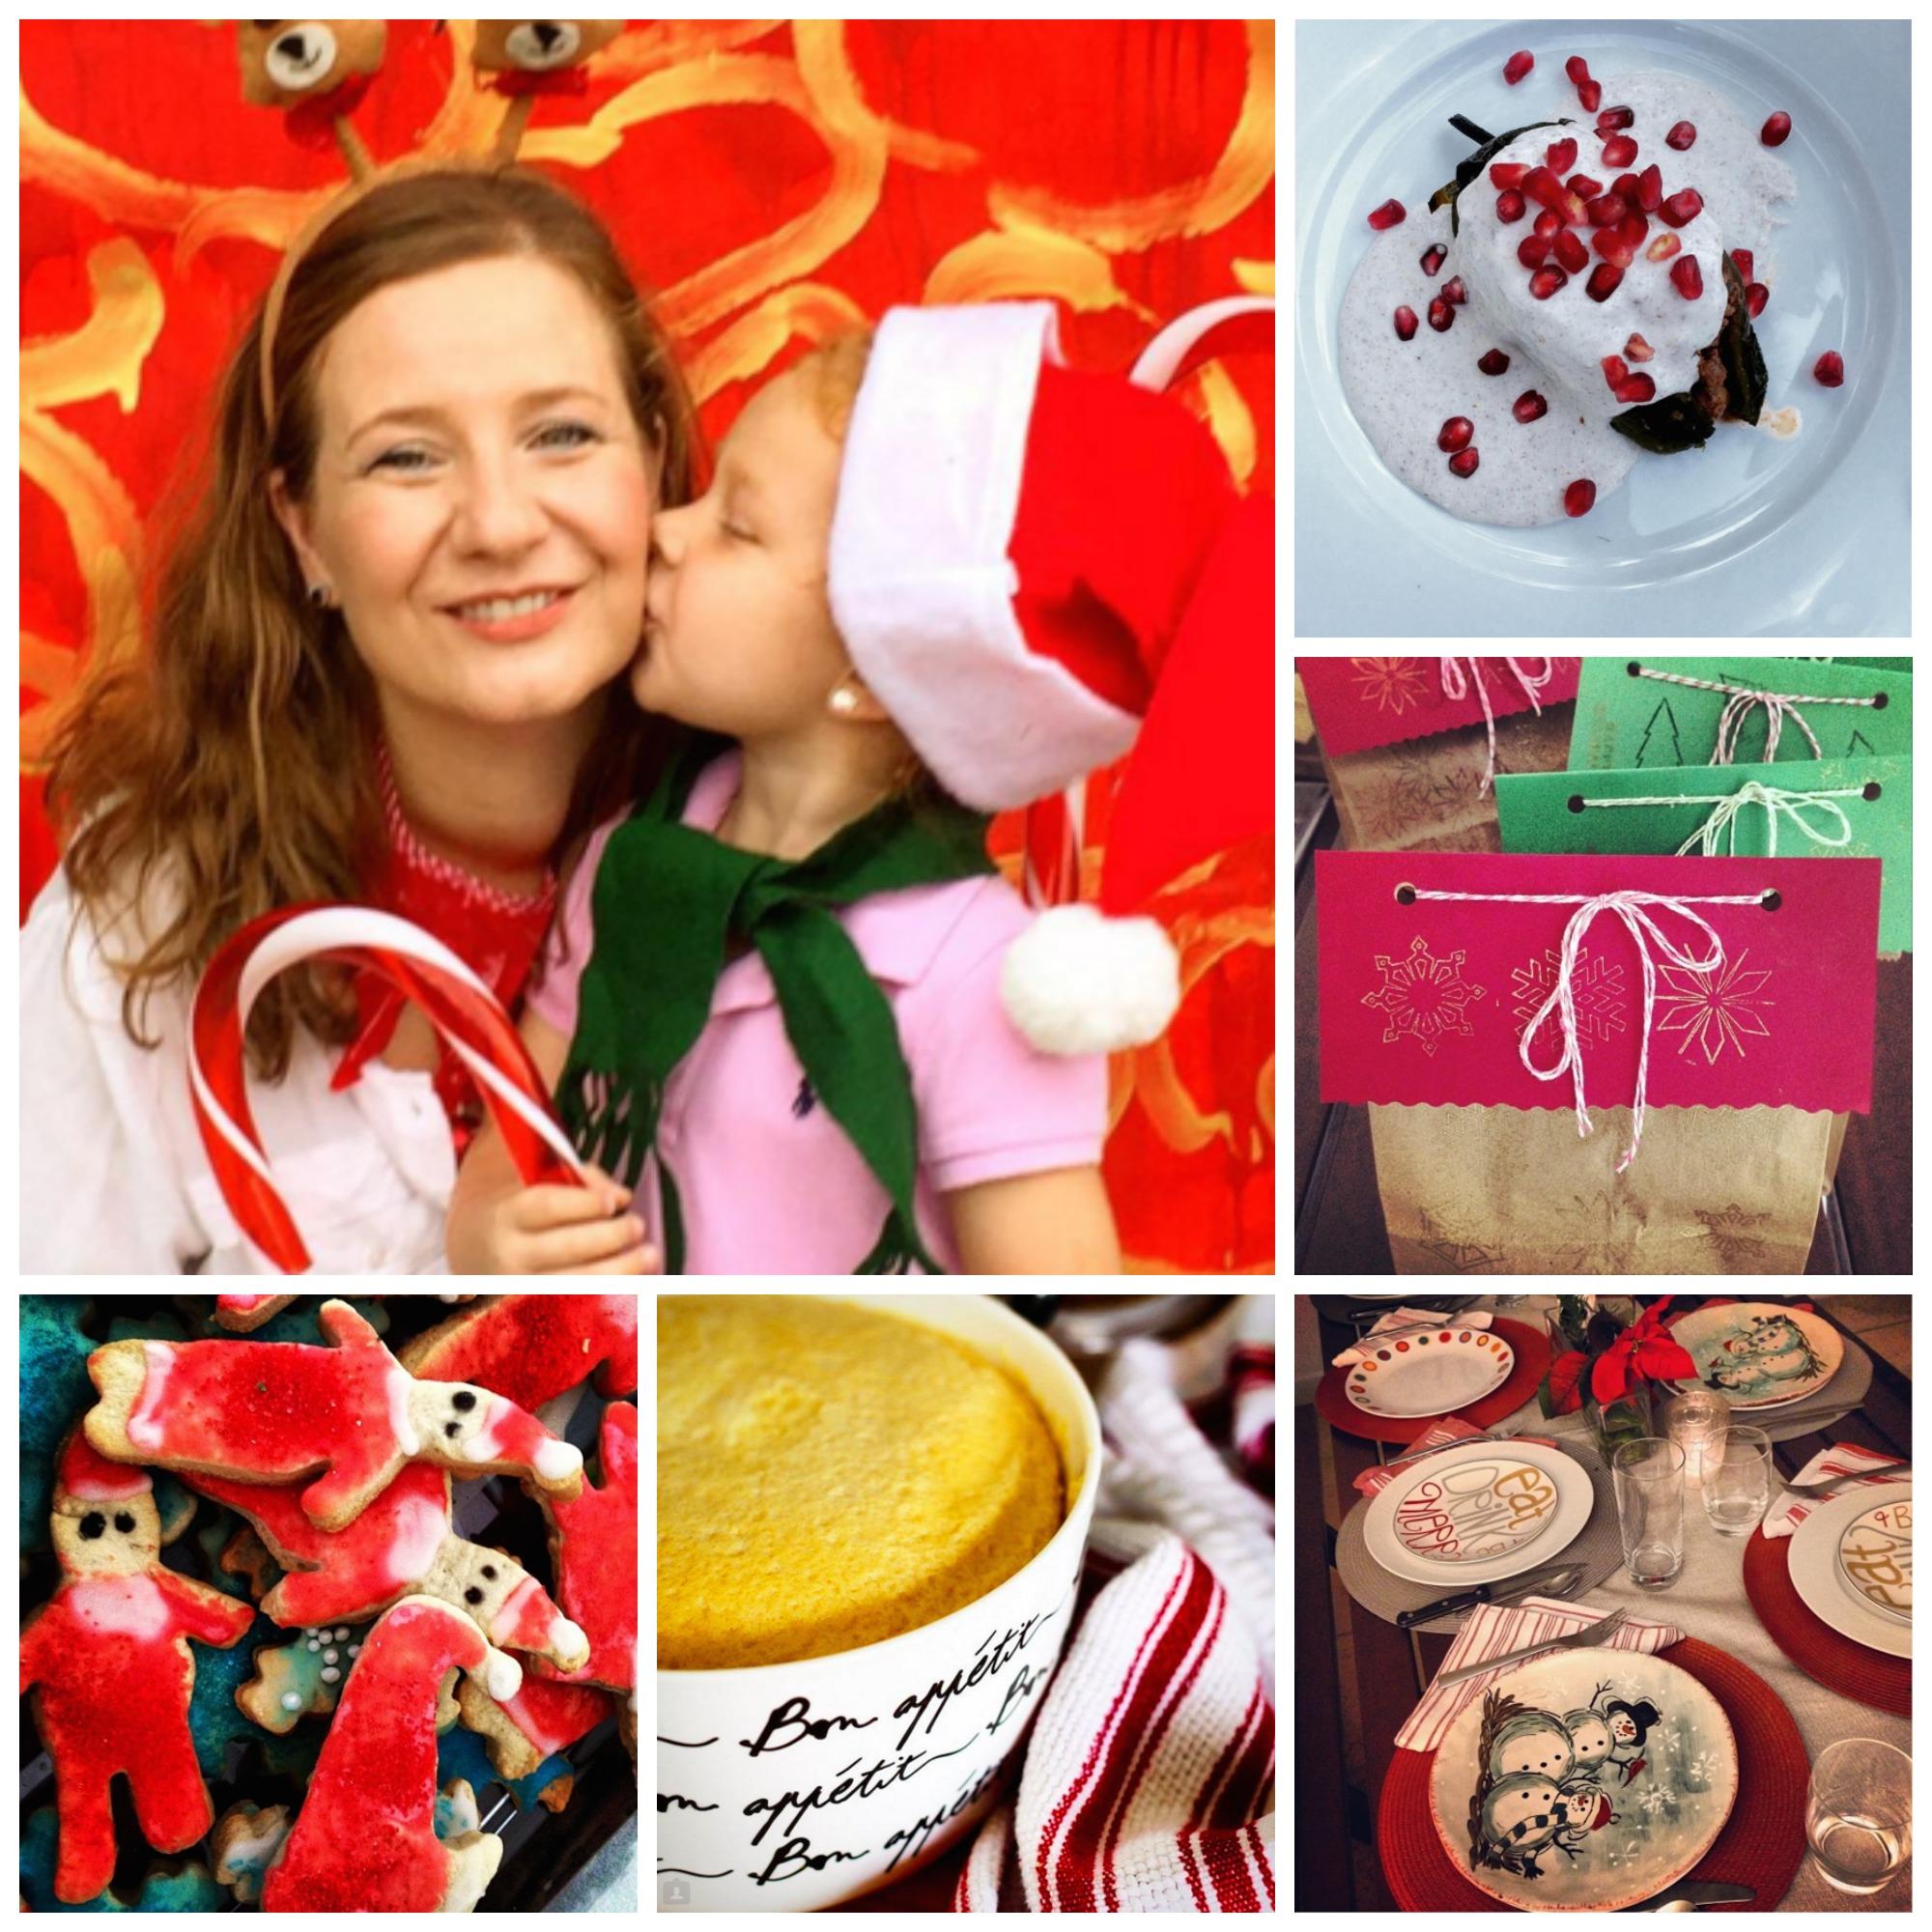 Recetario de Navidad entre amigas / Christmas recipe book among friends